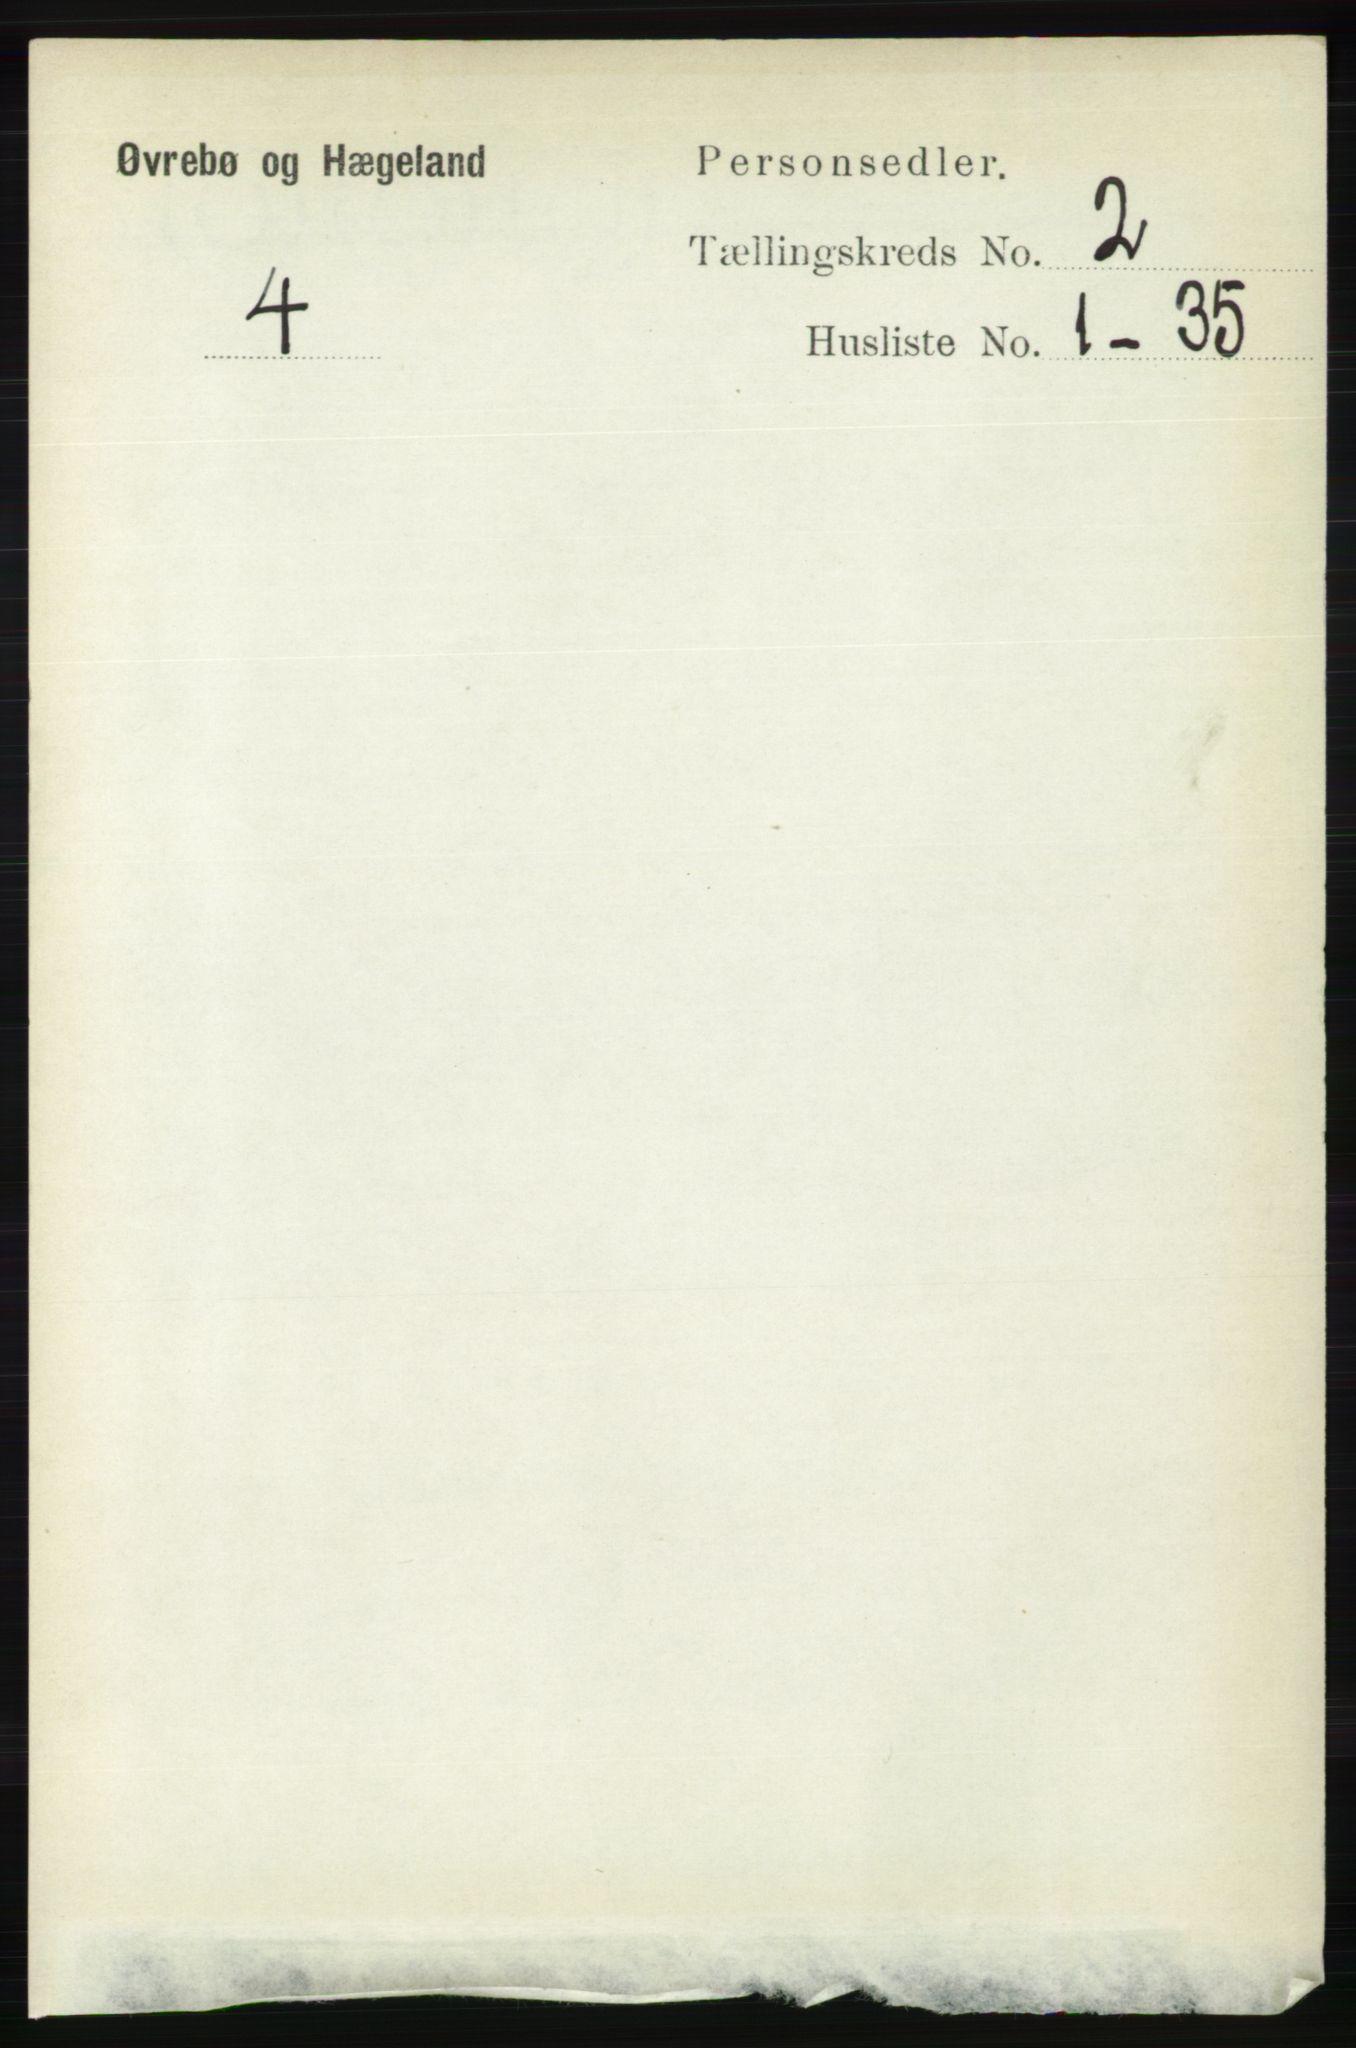 RA, Folketelling 1891 for 1016 Øvrebø og Hægeland herred, 1891, s. 319